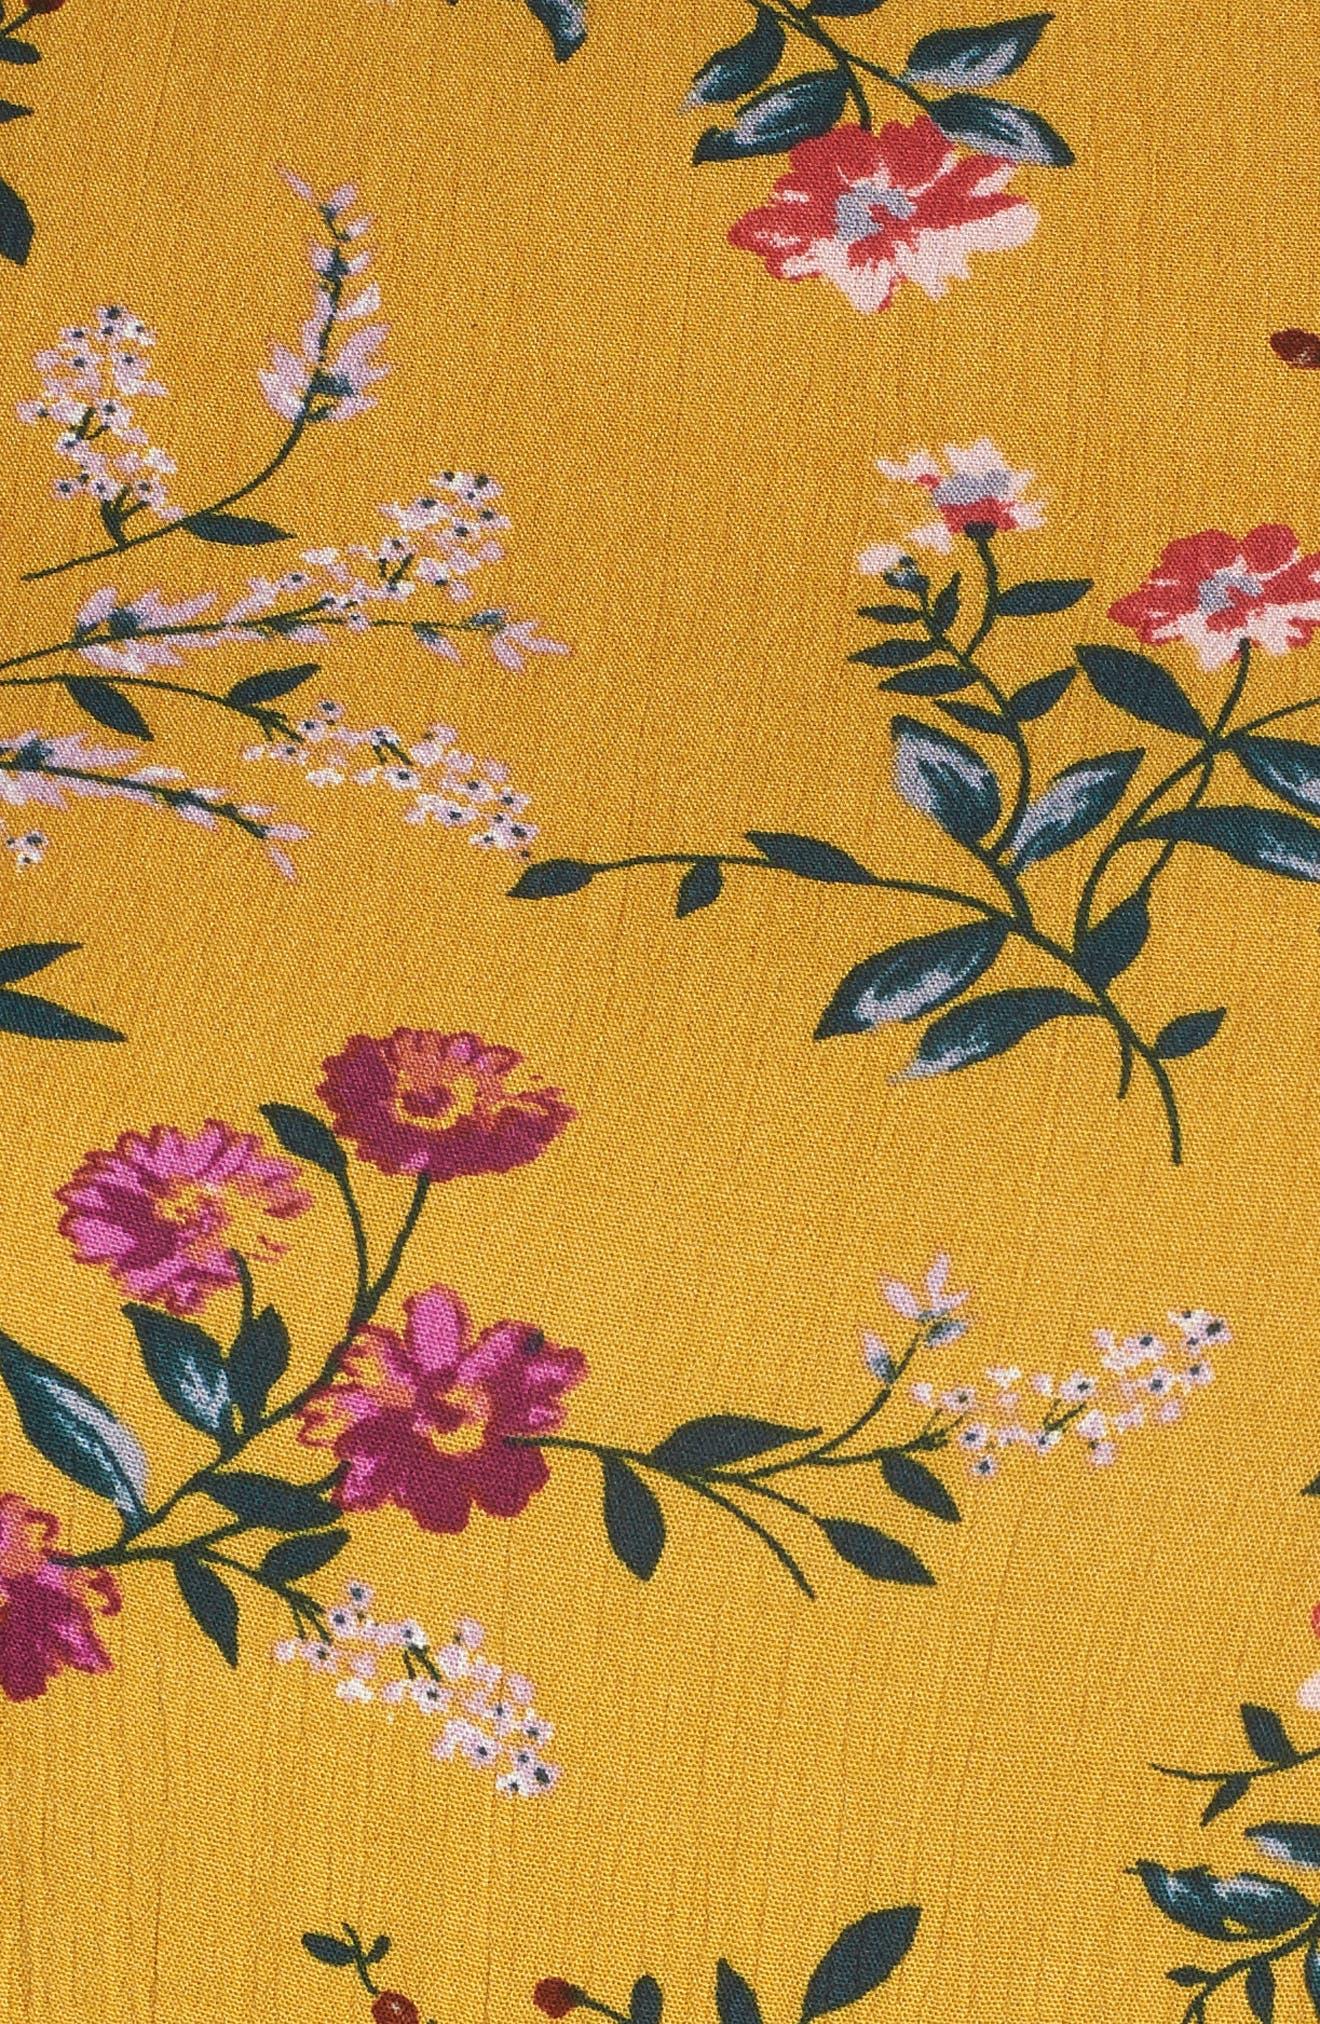 Floral Smocked Cold Shoulder Dress,                             Alternate thumbnail 6, color,                             Mustard Multi Floral